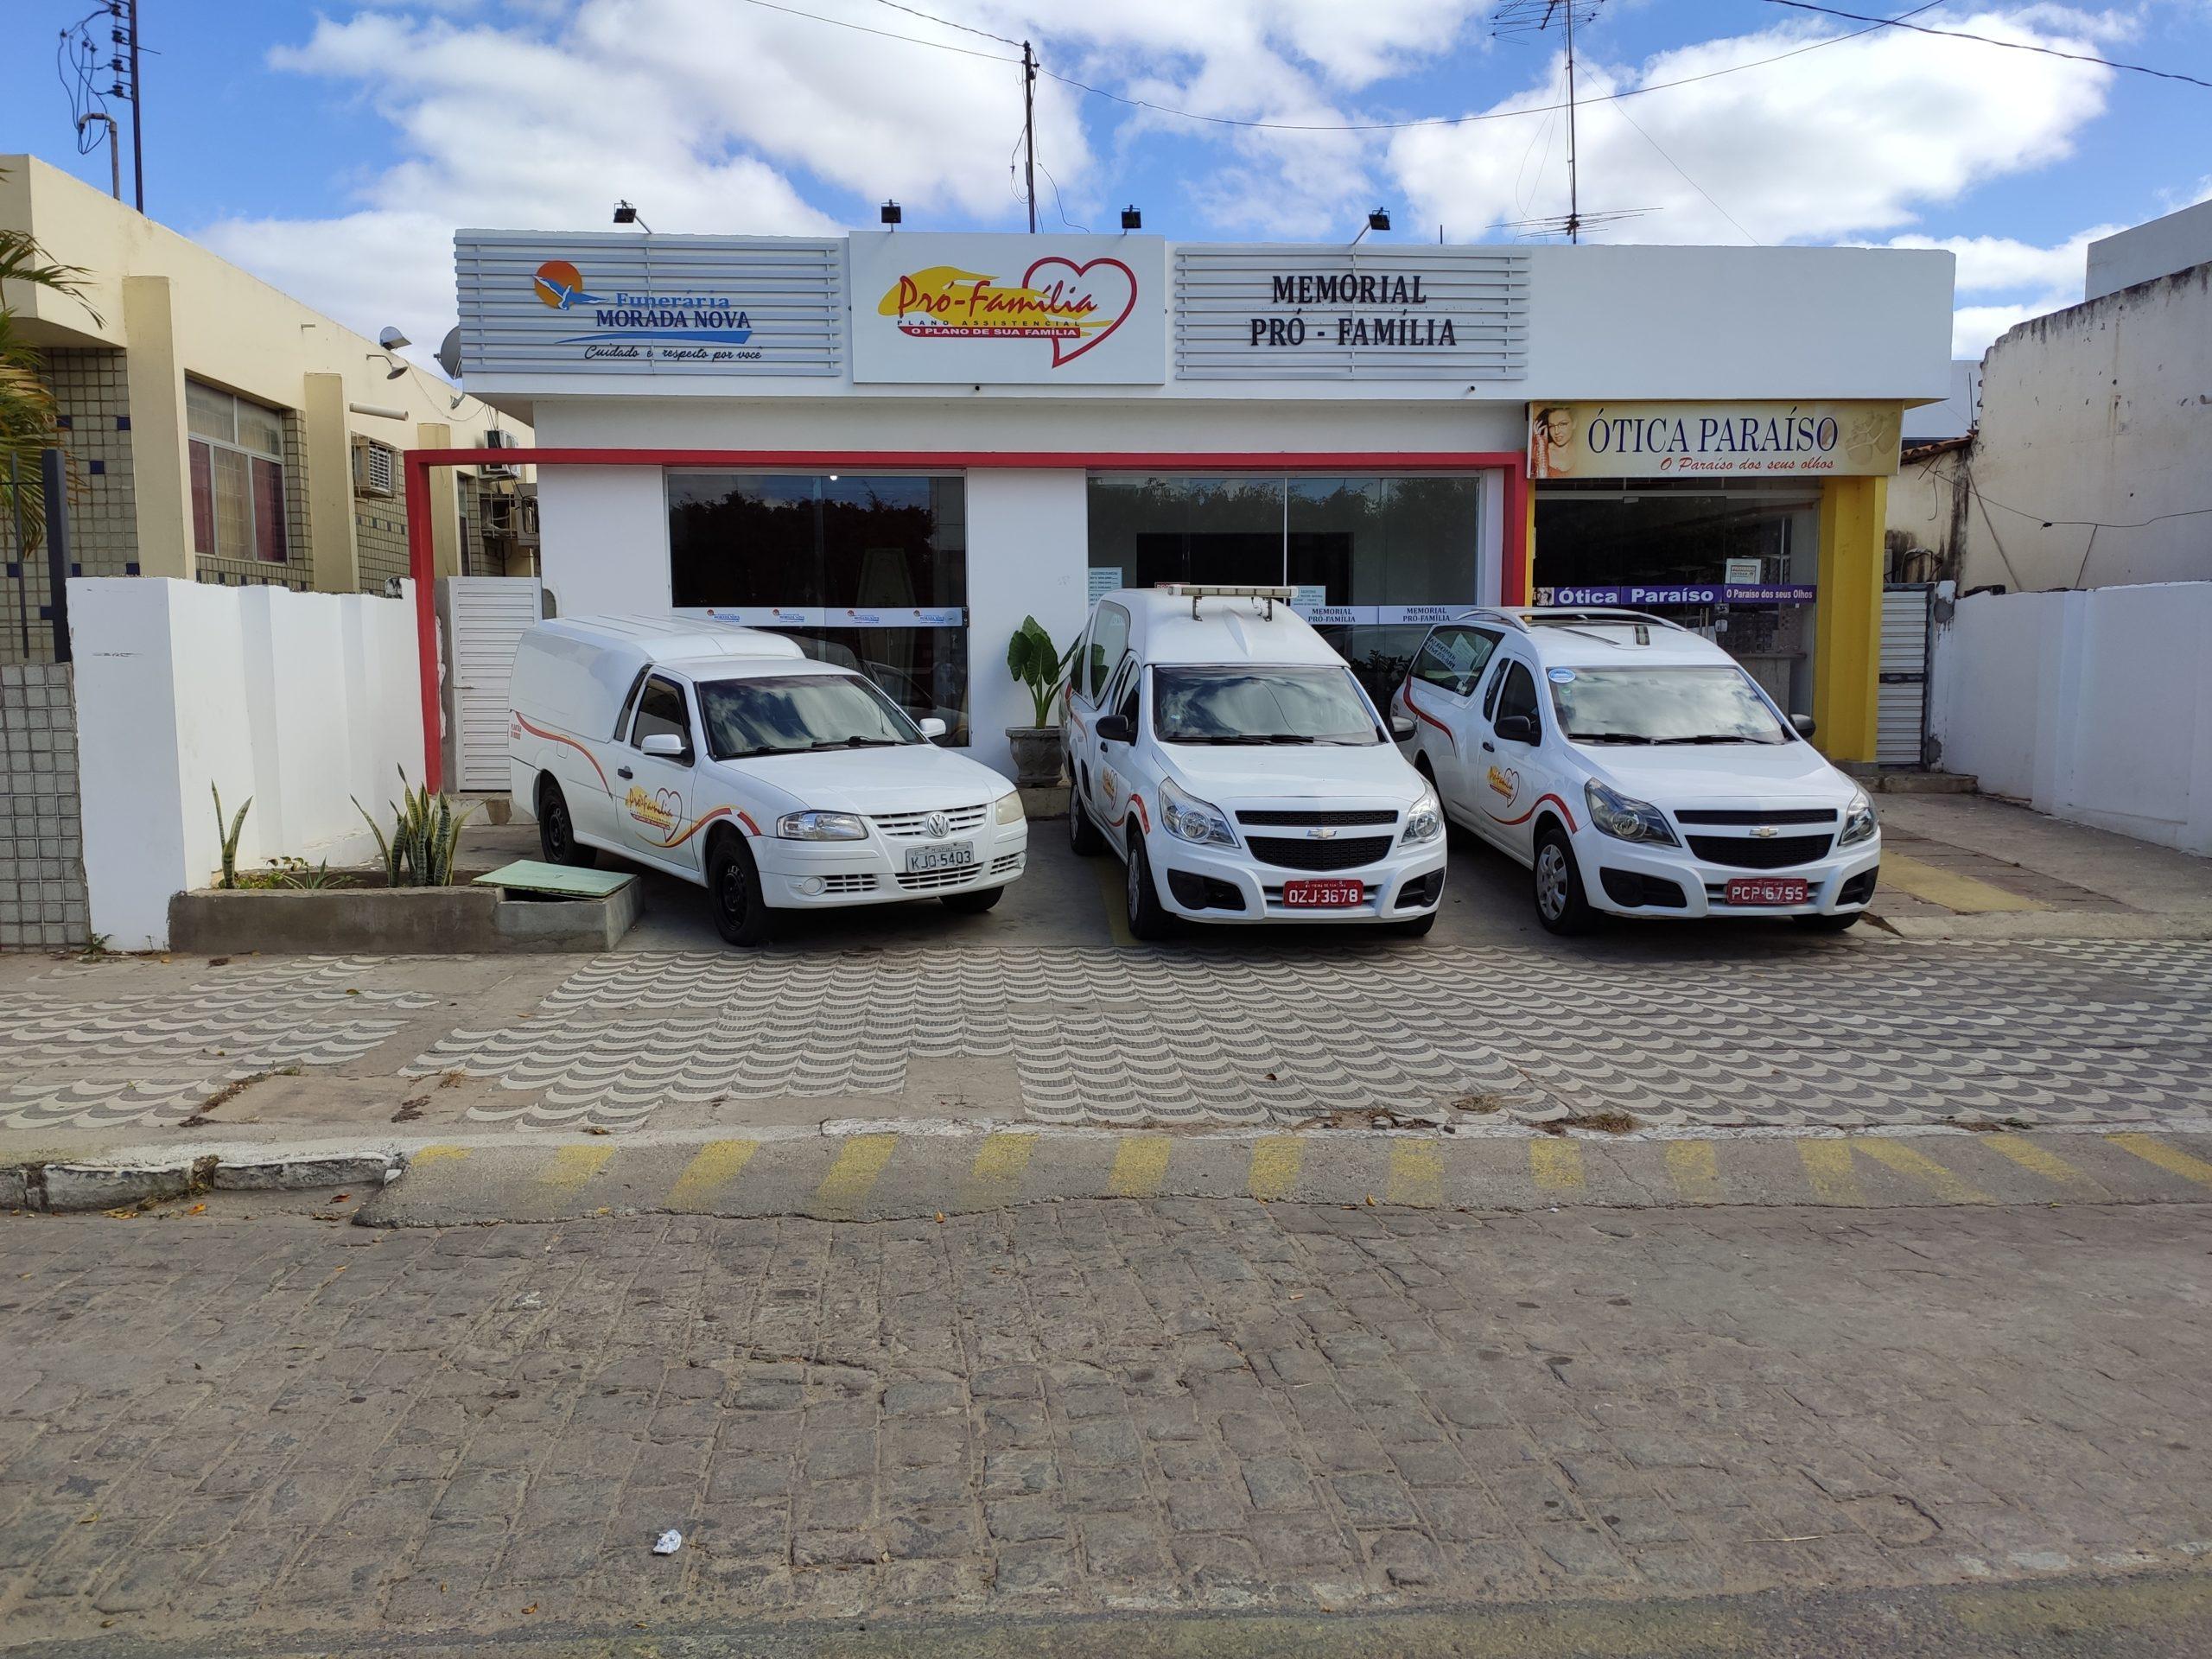 IMG_20200906_083129-scaled COMUNICADO: Plano Assistencial Pró-família, agora com seguro de vida